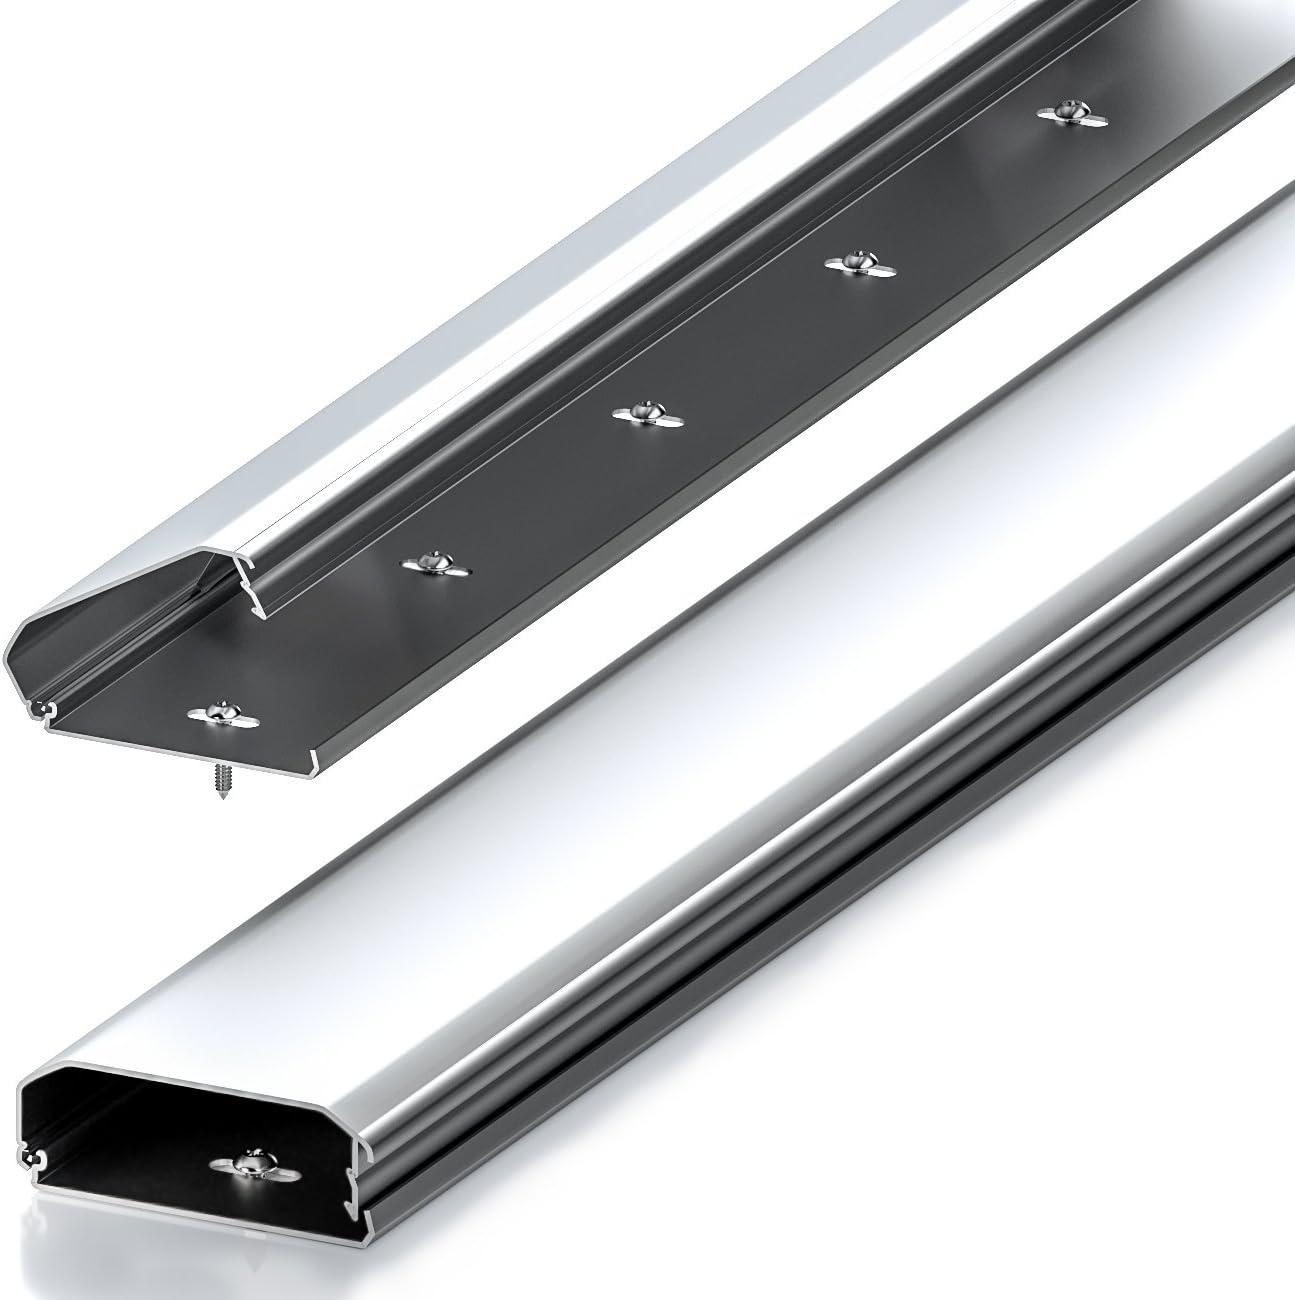 deleyCON Canaleta Universal para Cables y Líneas Aluminio de Primera Calidad Longitud 50cm Ancho 6cm Altura 2cm - Plata